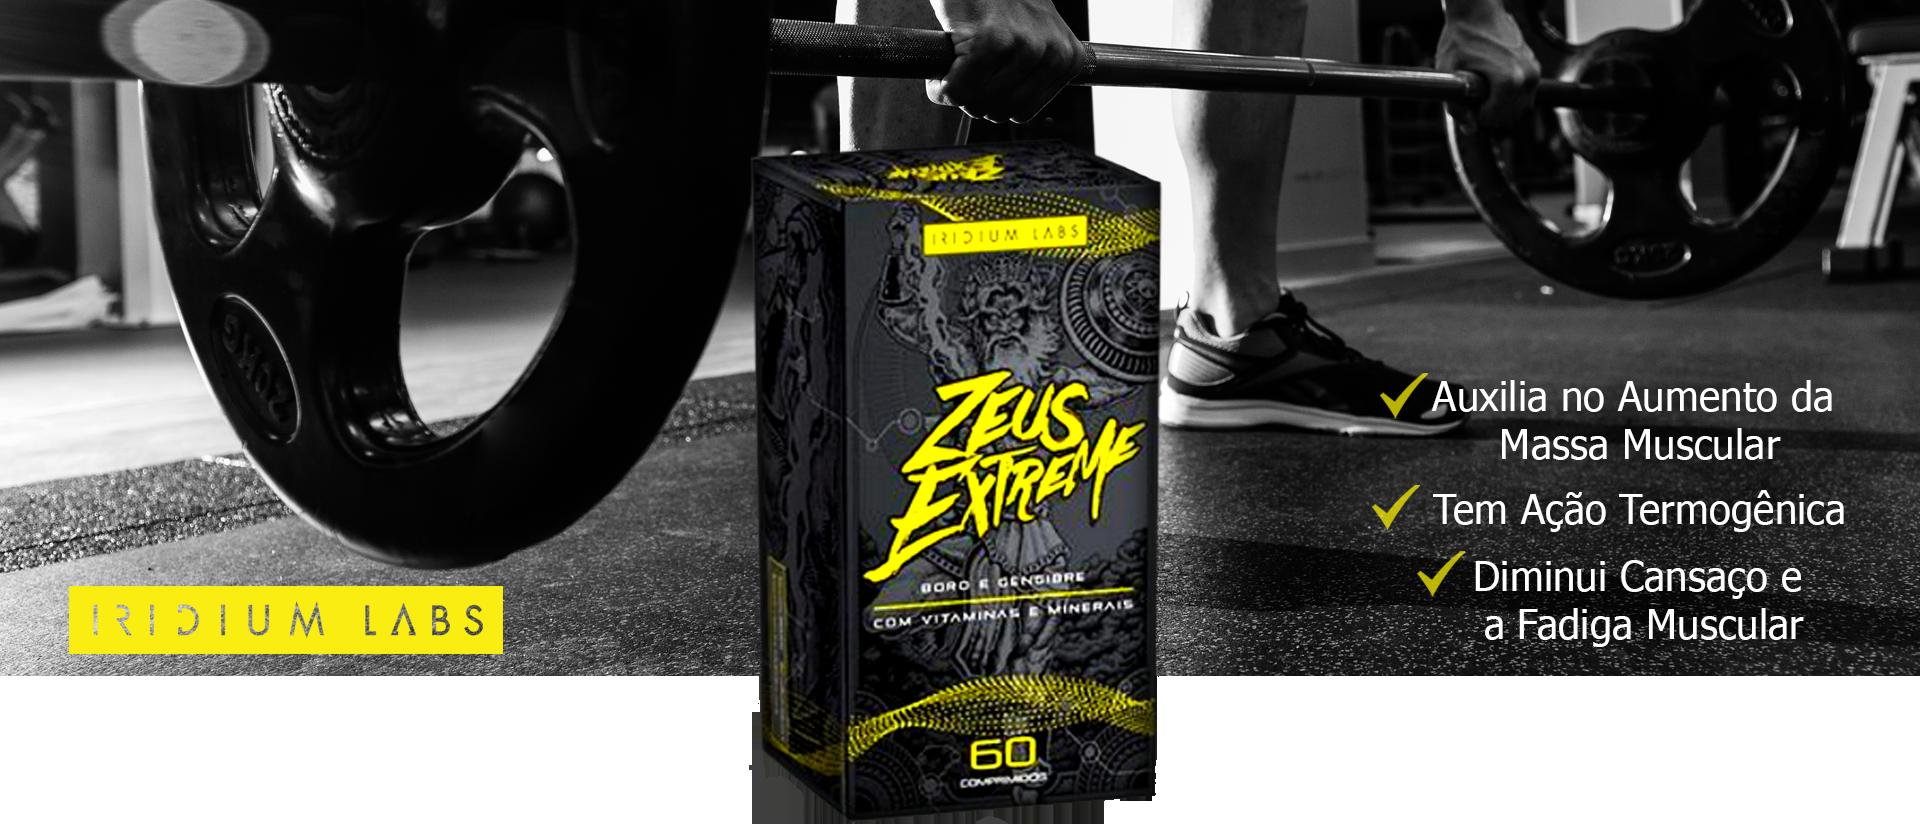 Zeus extreme benefícios